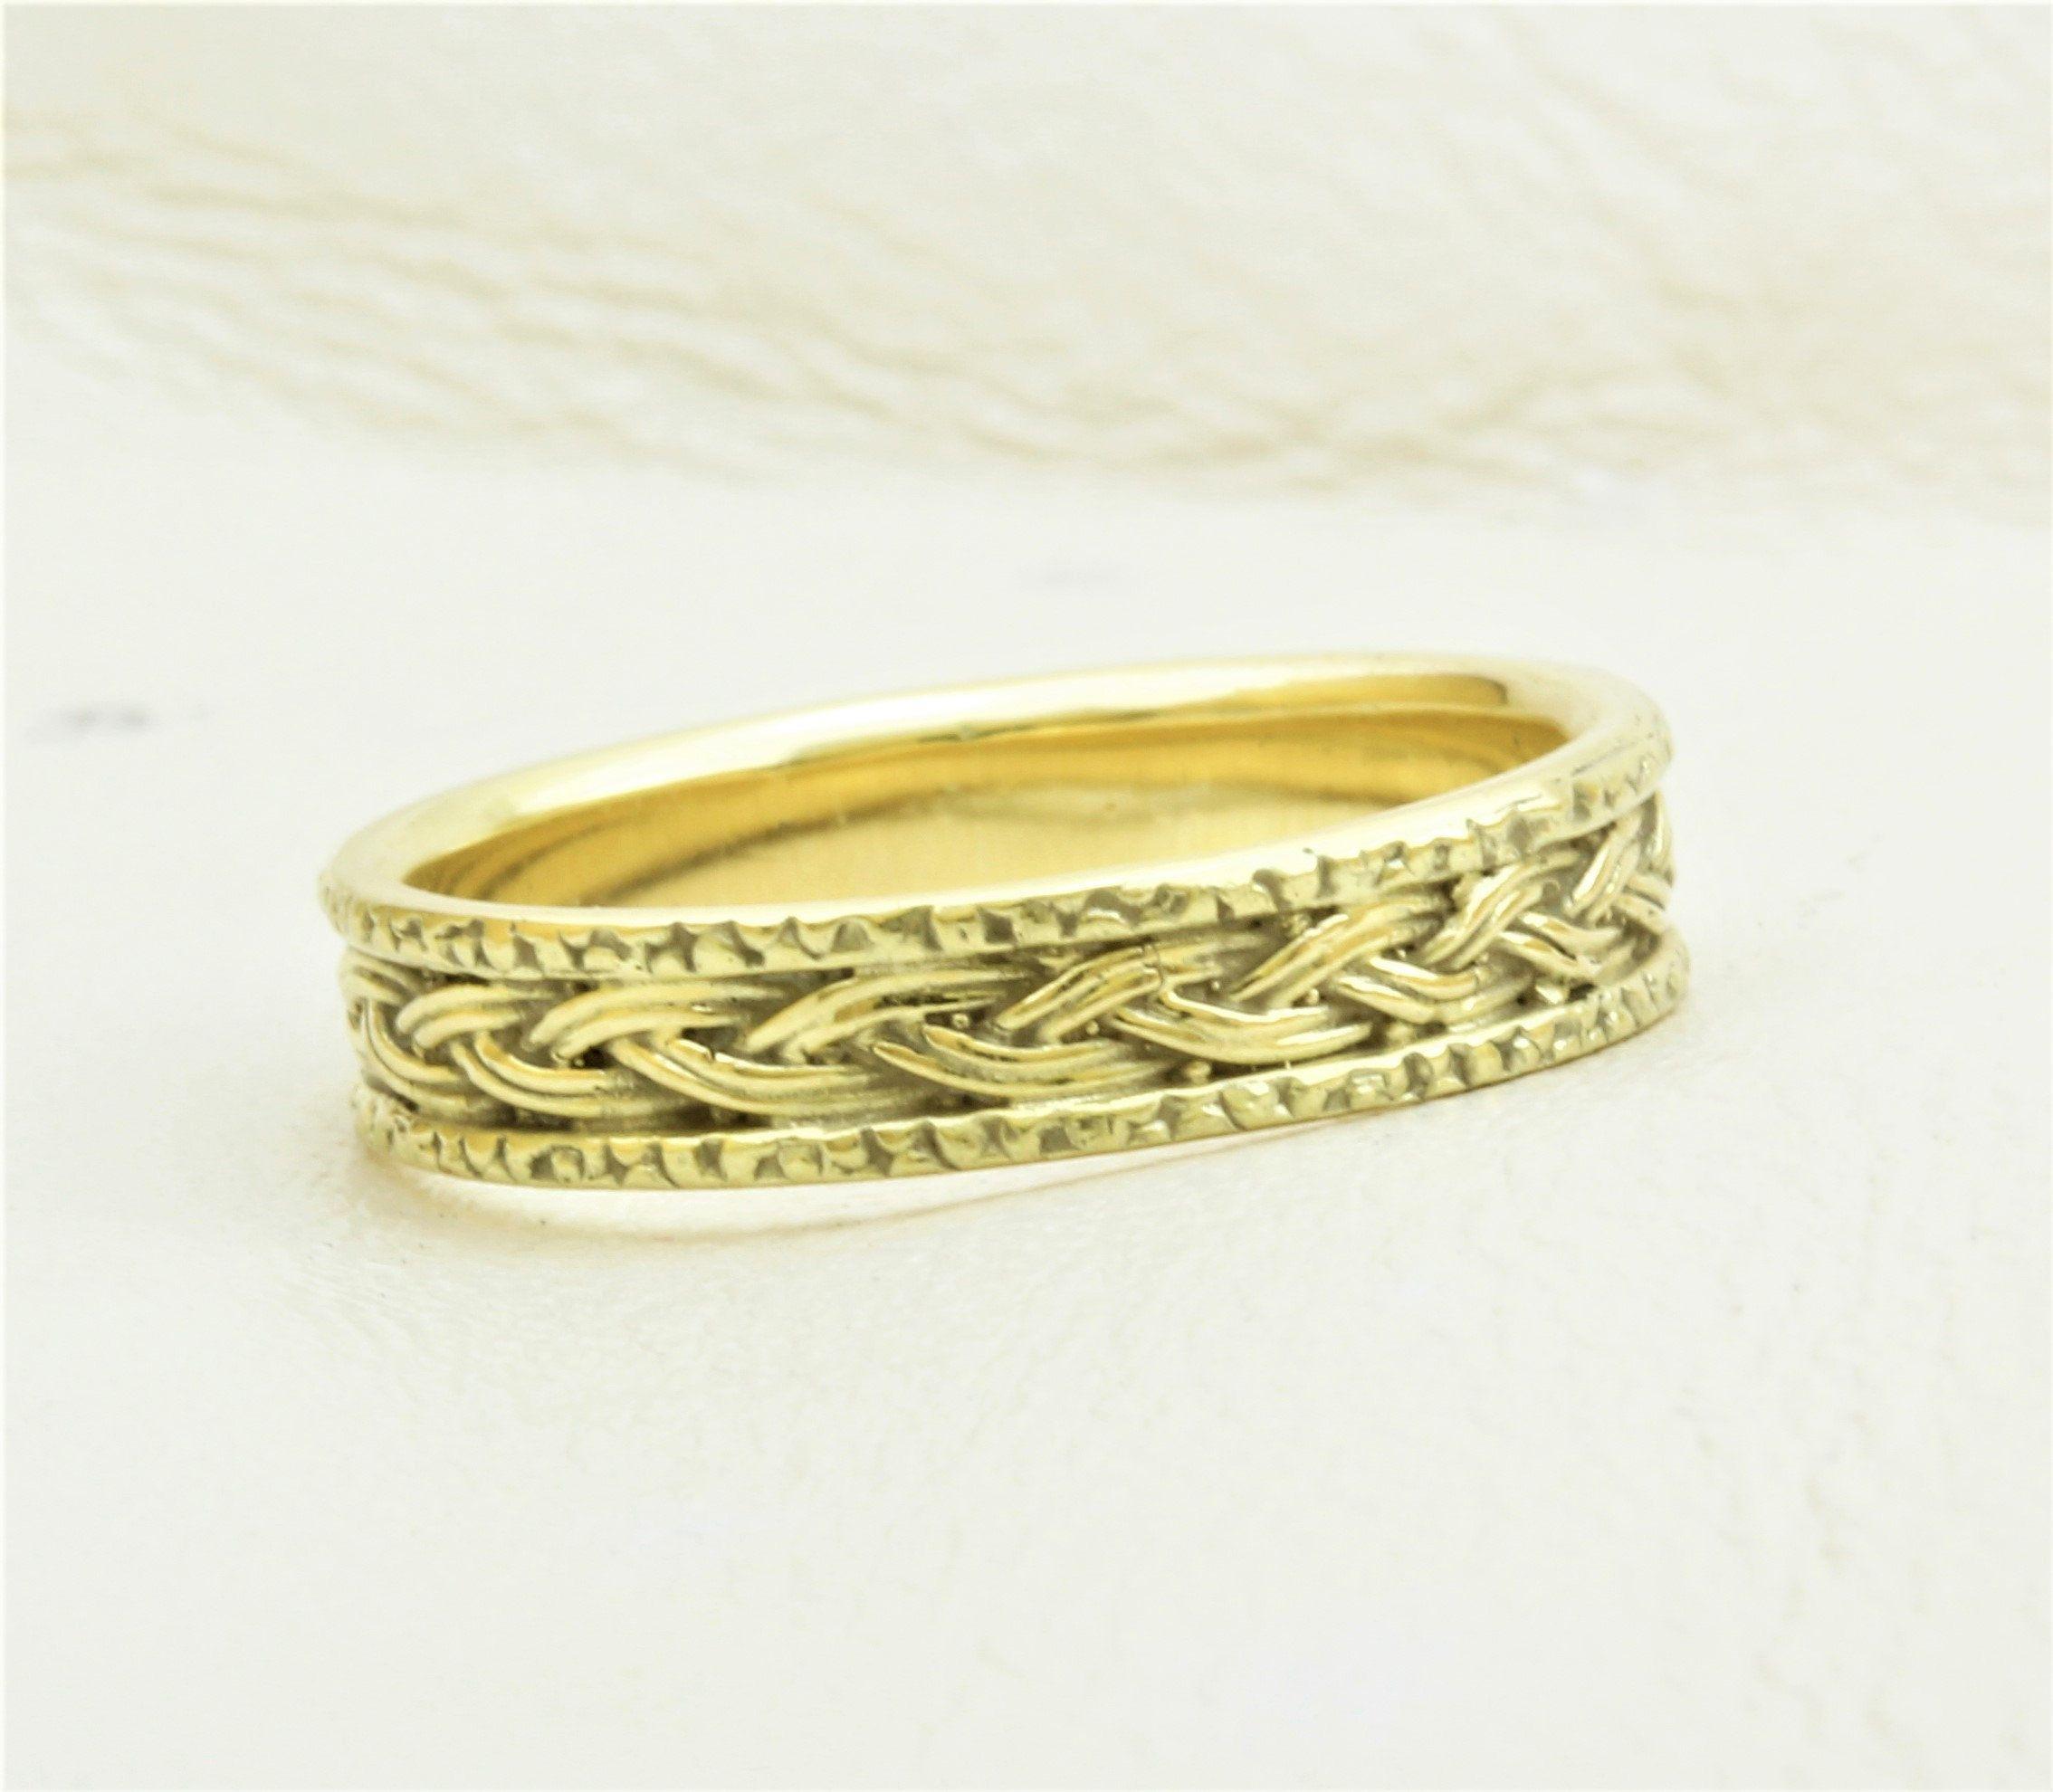 Gold Braided Ring, Braided Wedding Band, Eternity Wedding